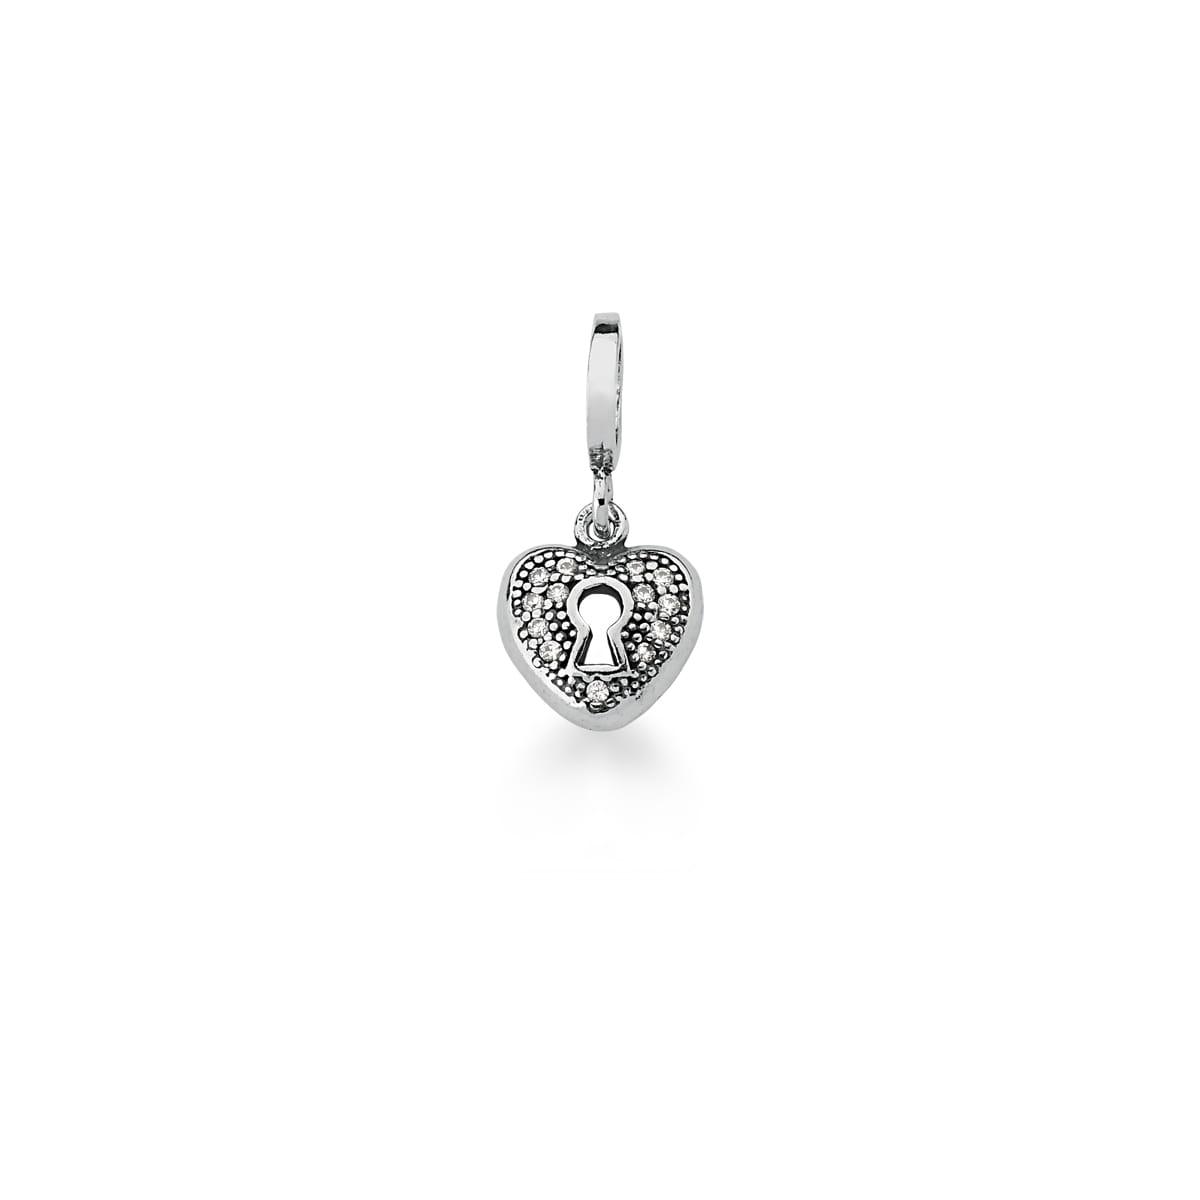 Pingente Berloque de Coração Branco Prata Envelhecida